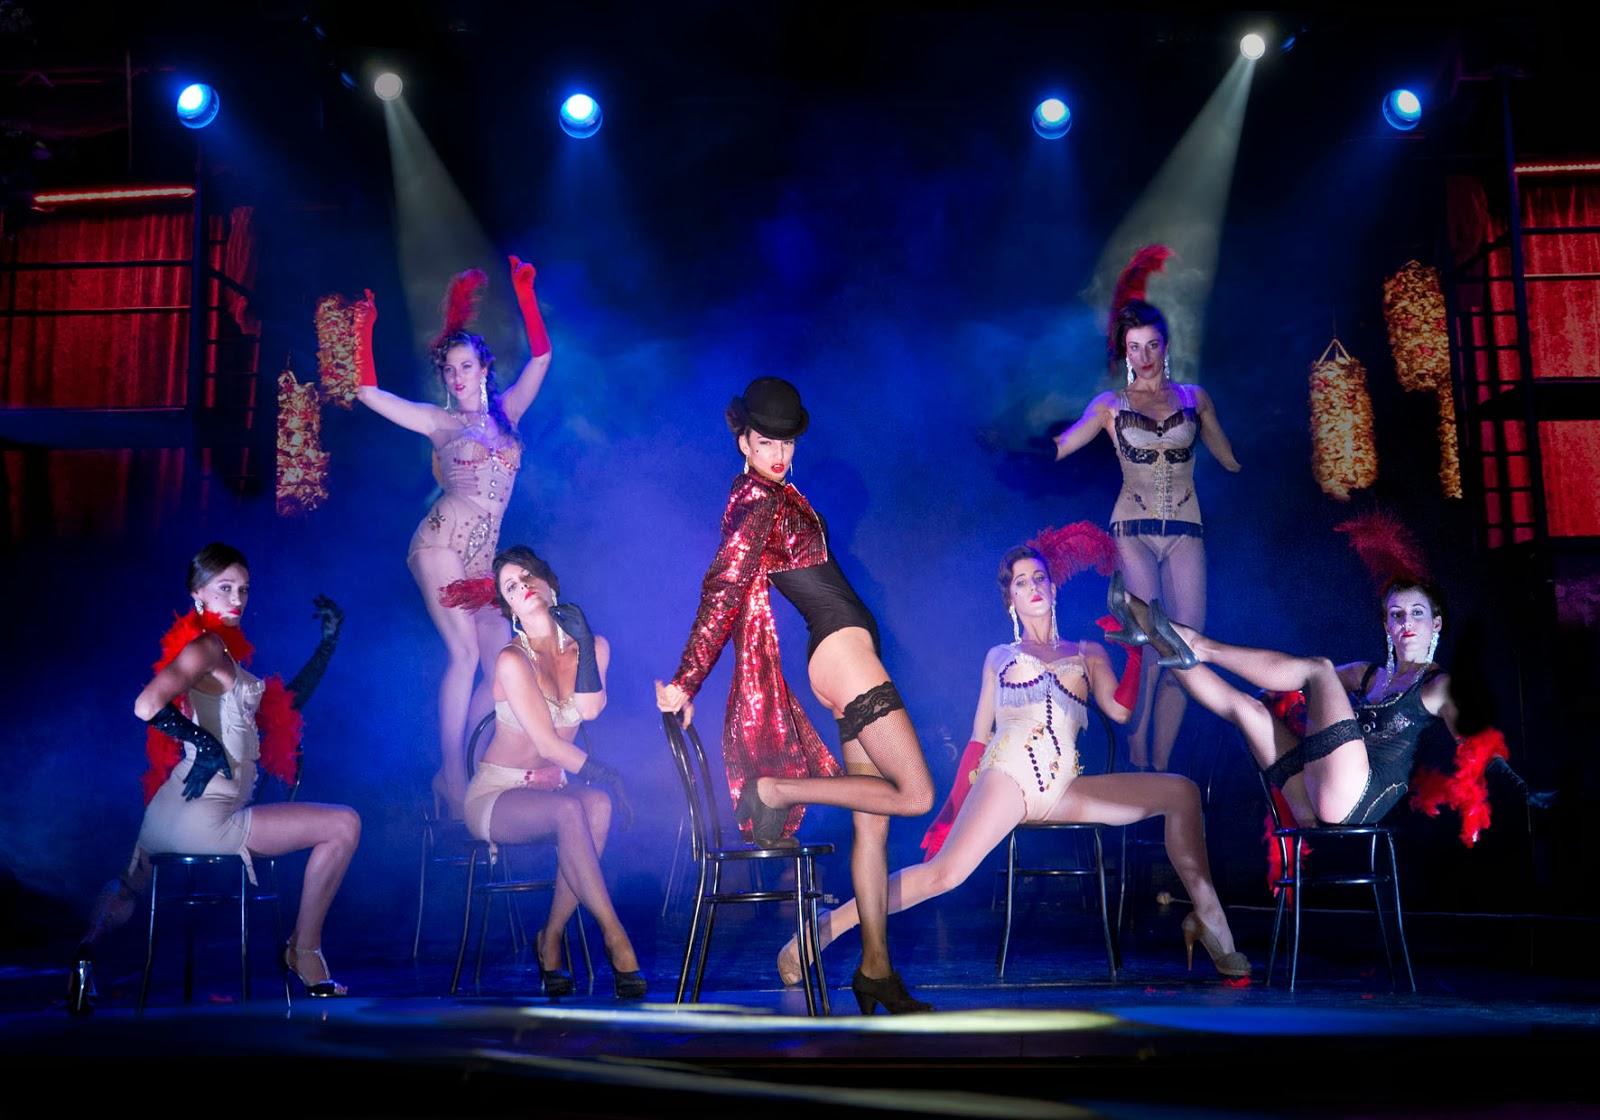 Luna bella en un show en vivo - 3 part 10